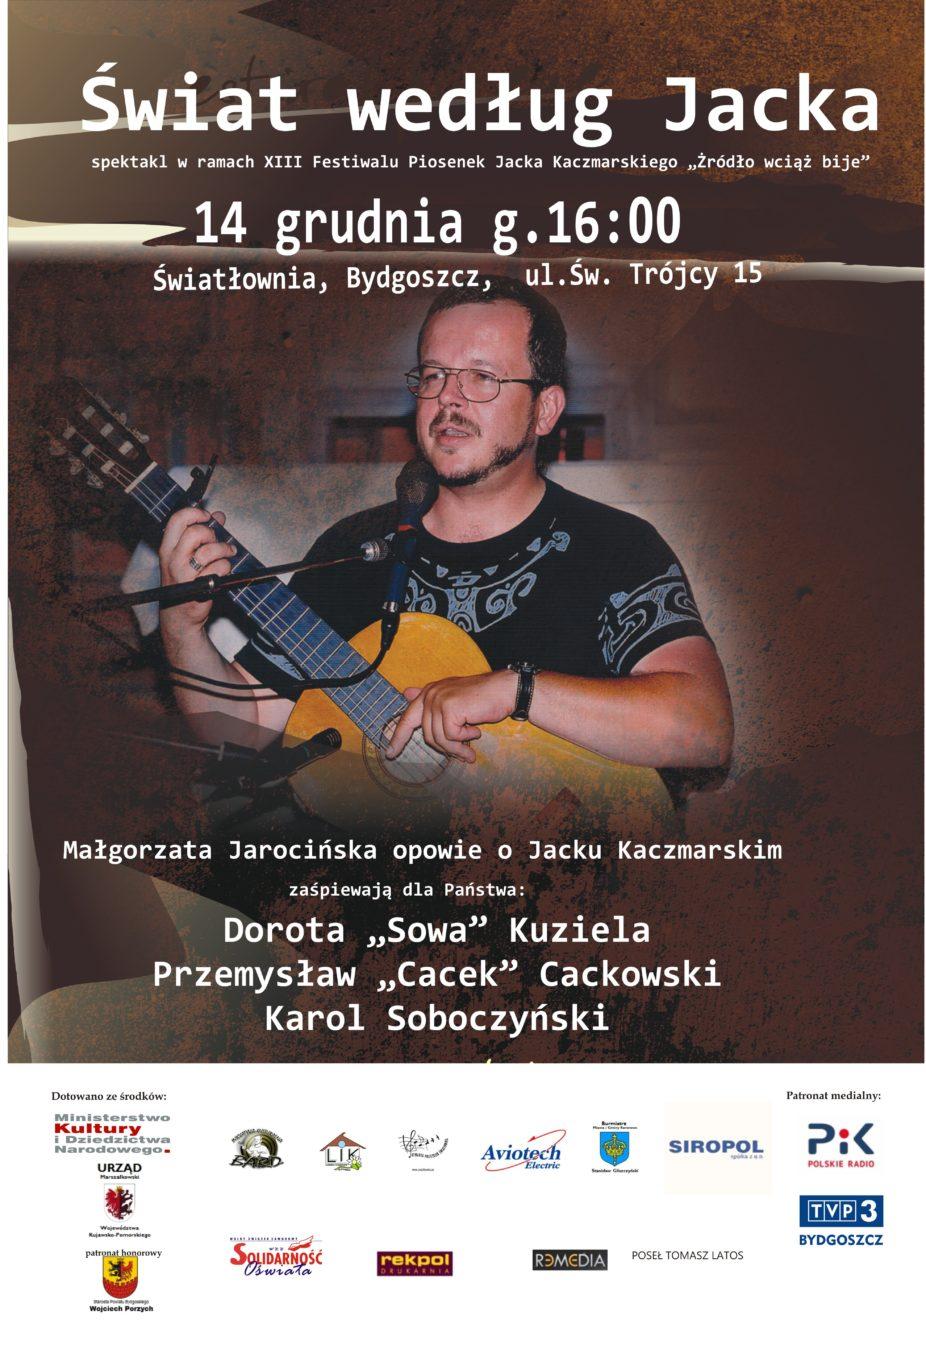 Plakat koncertu w ramach XIII Festiwalu Piosenek Jacka Kaczmarskiego Świat według Jacka, 14 grudnia, g.16